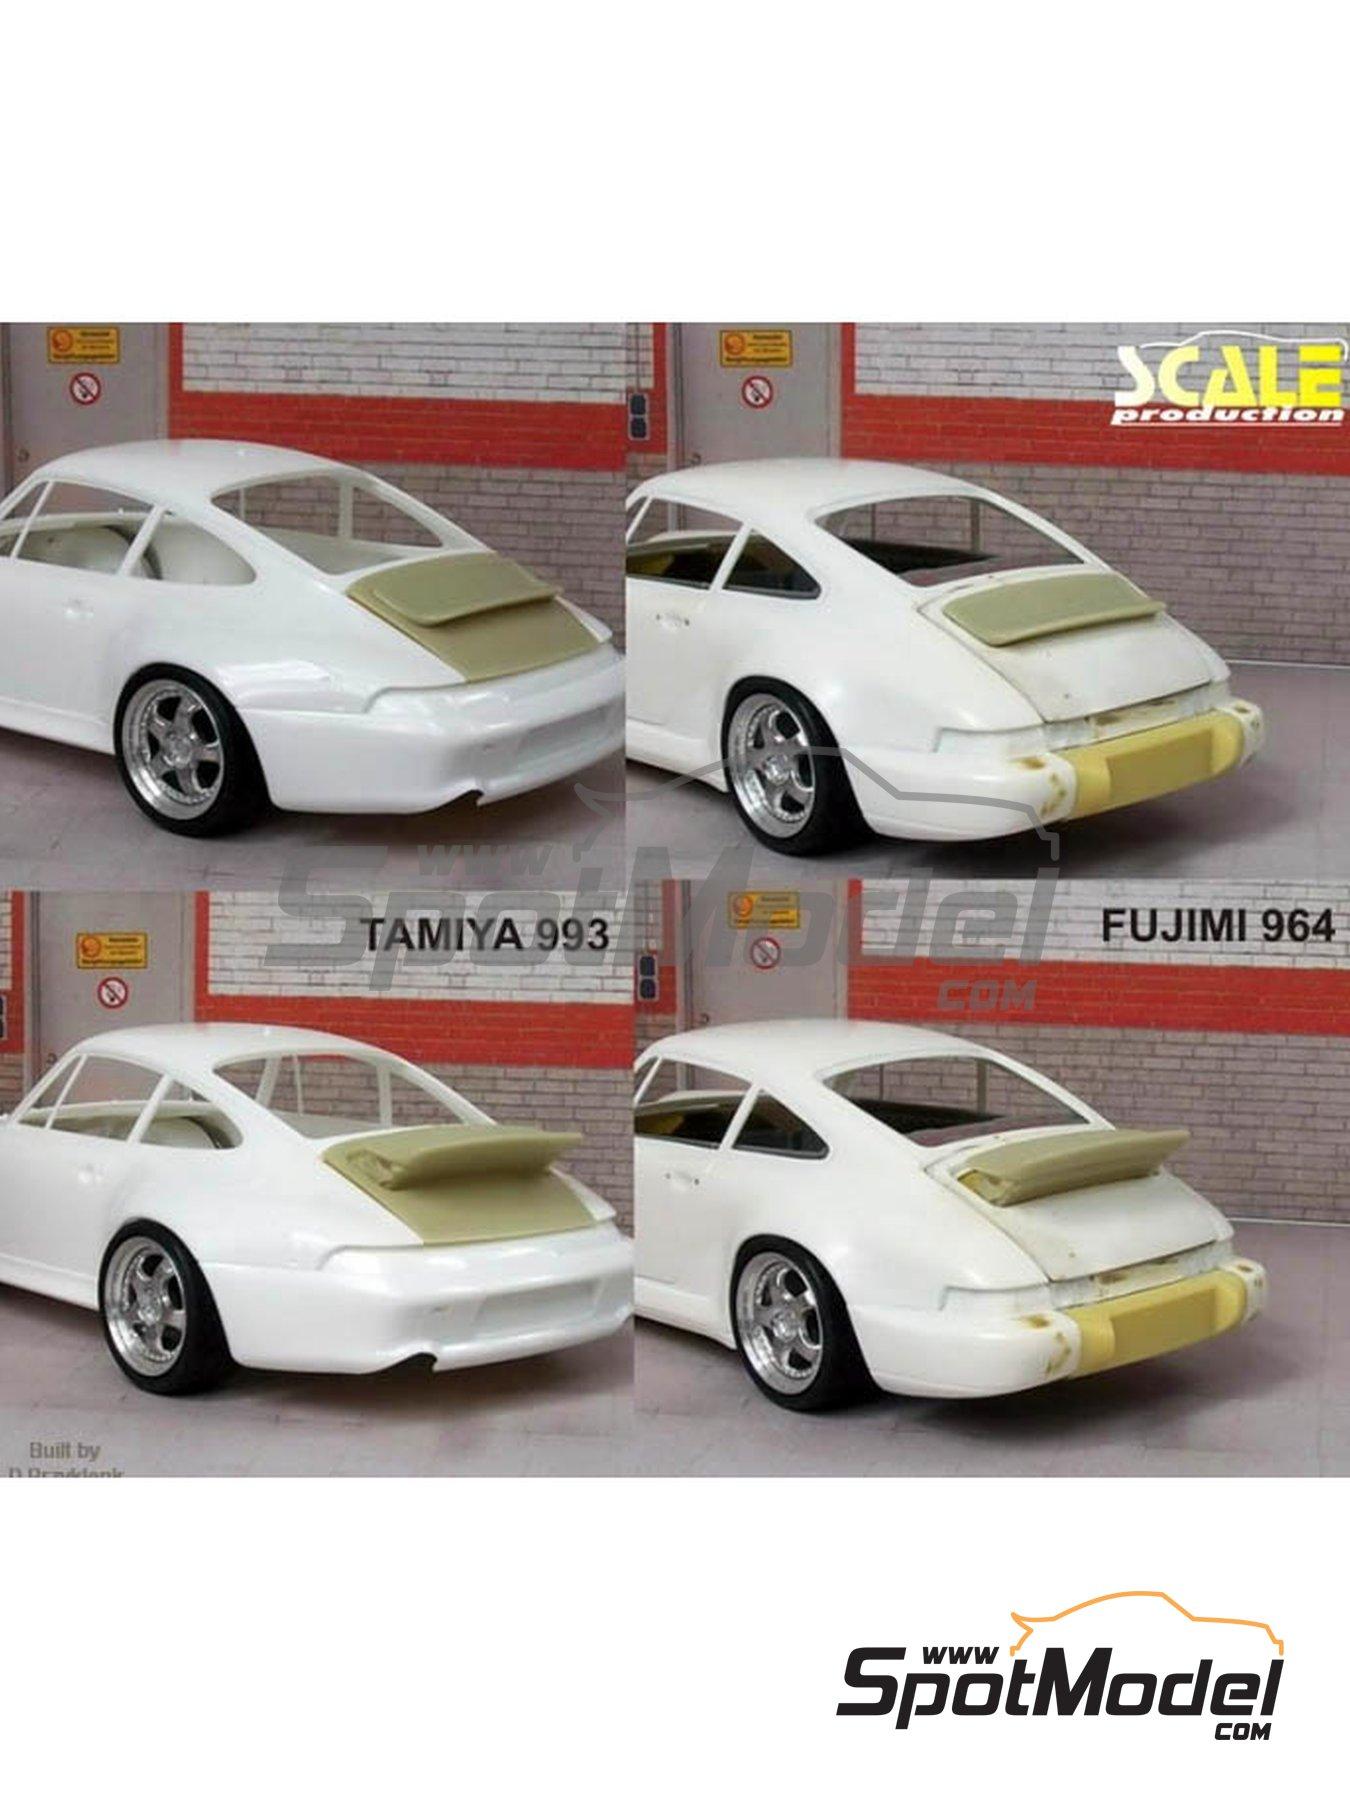 Aleron Porsche 964 993 estilo Singer | Transkit en escala1/24 fabricado por Scale Production (ref.SP24259) image